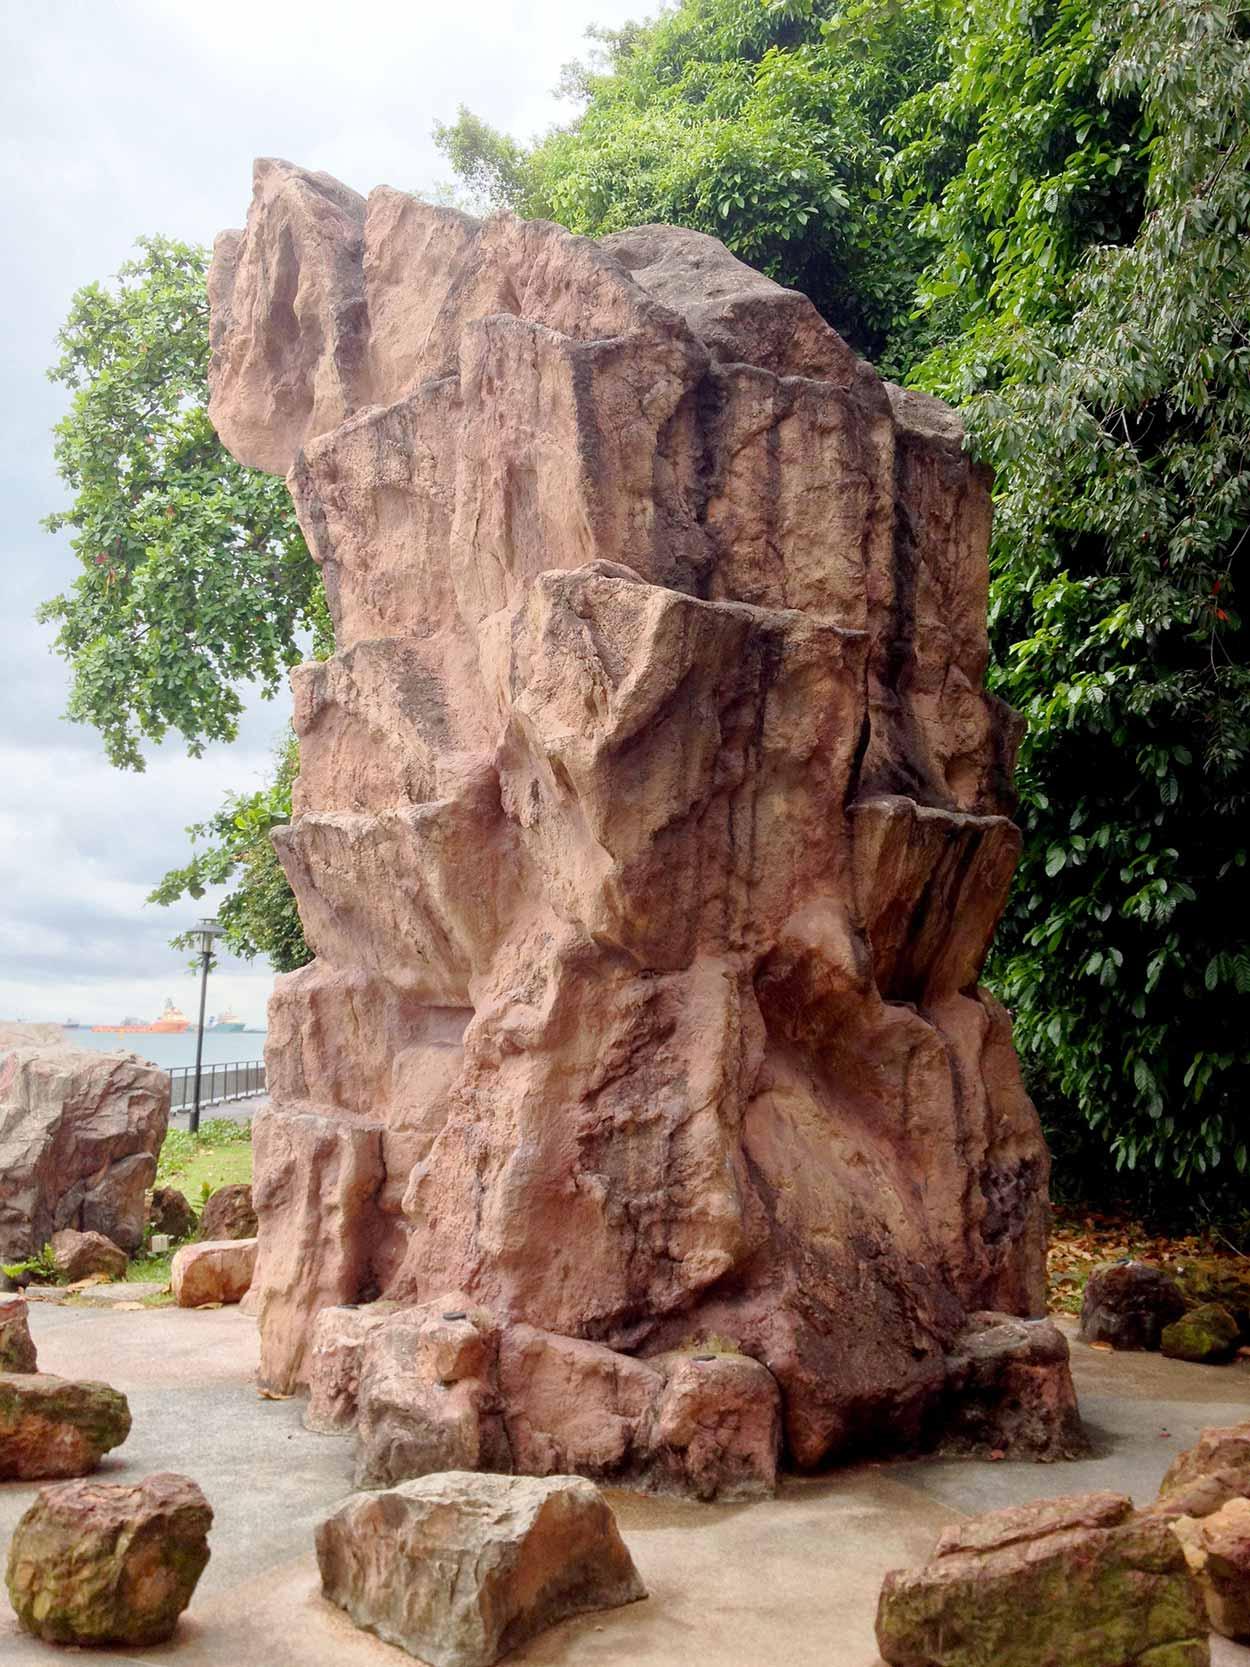 A fibreglass replica of the Dragon's Teeth Gate rock, Labrador Nature Reserve, Singapore